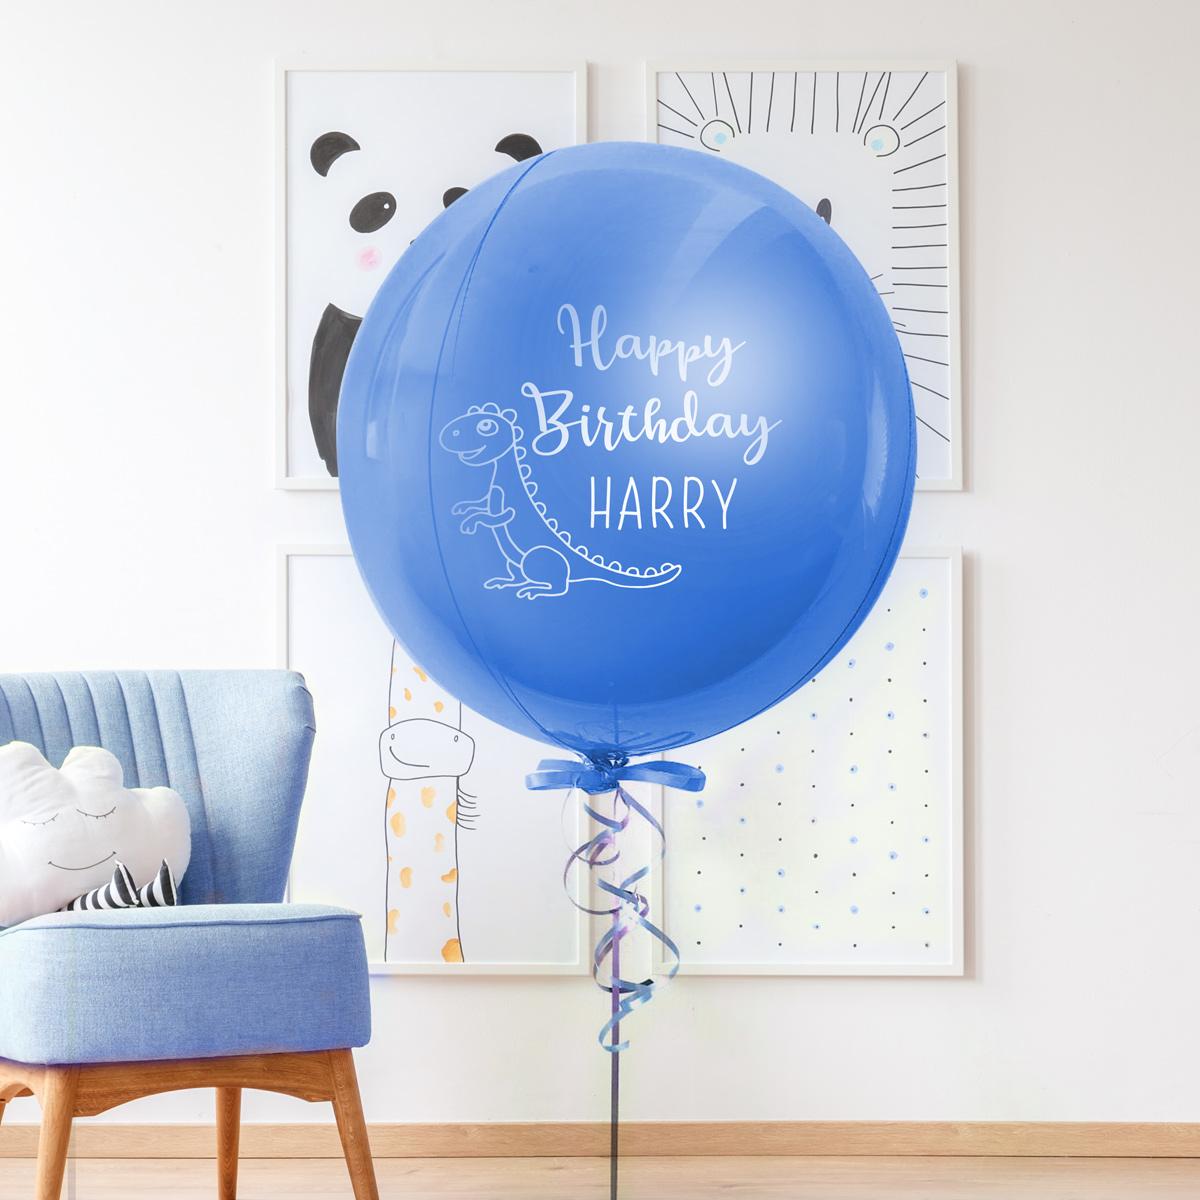 个性化生日珠光气球